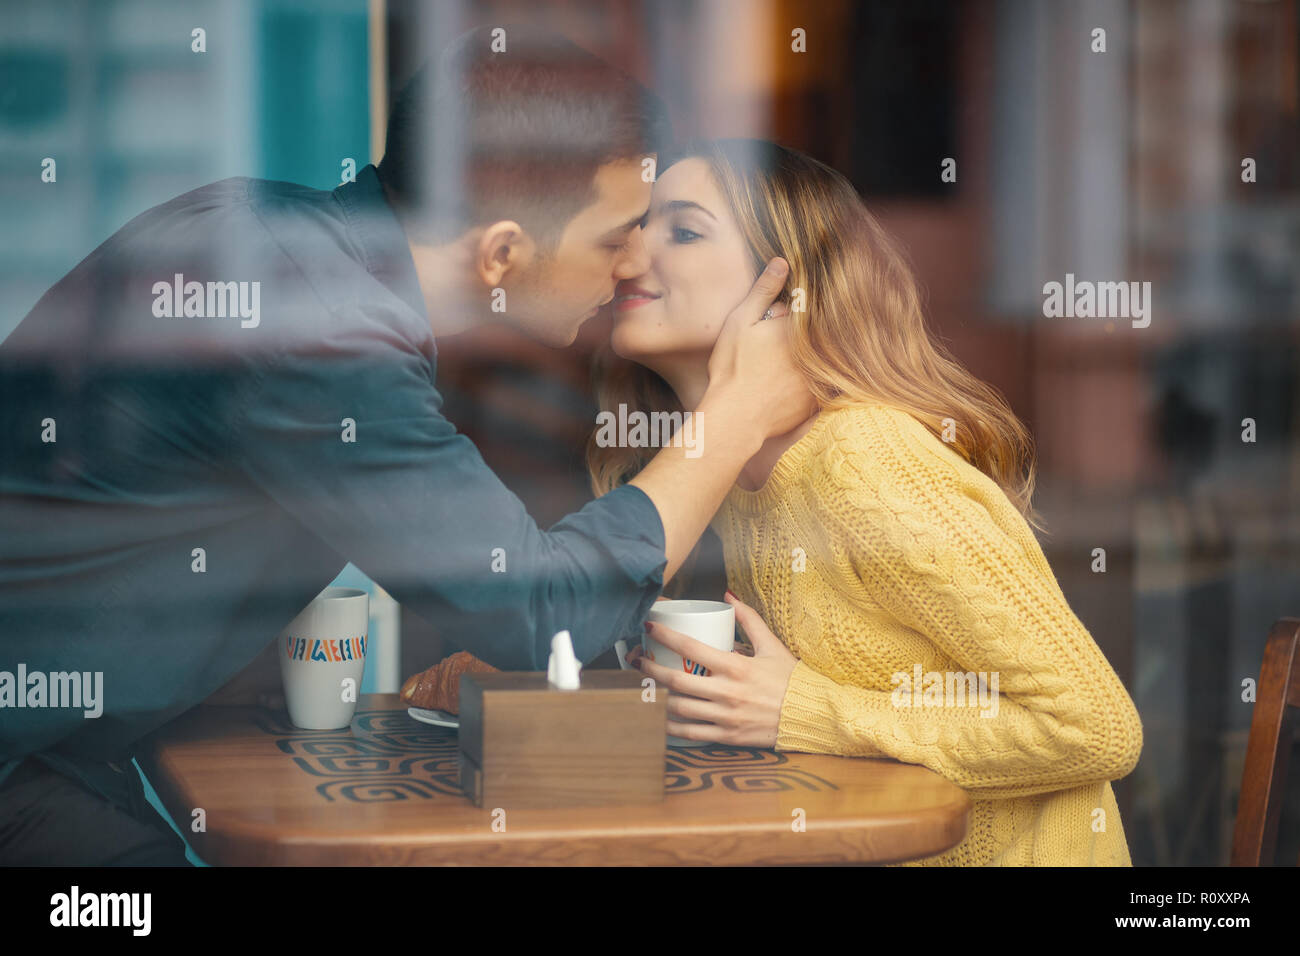 Städtische Online-Dating-Seiten